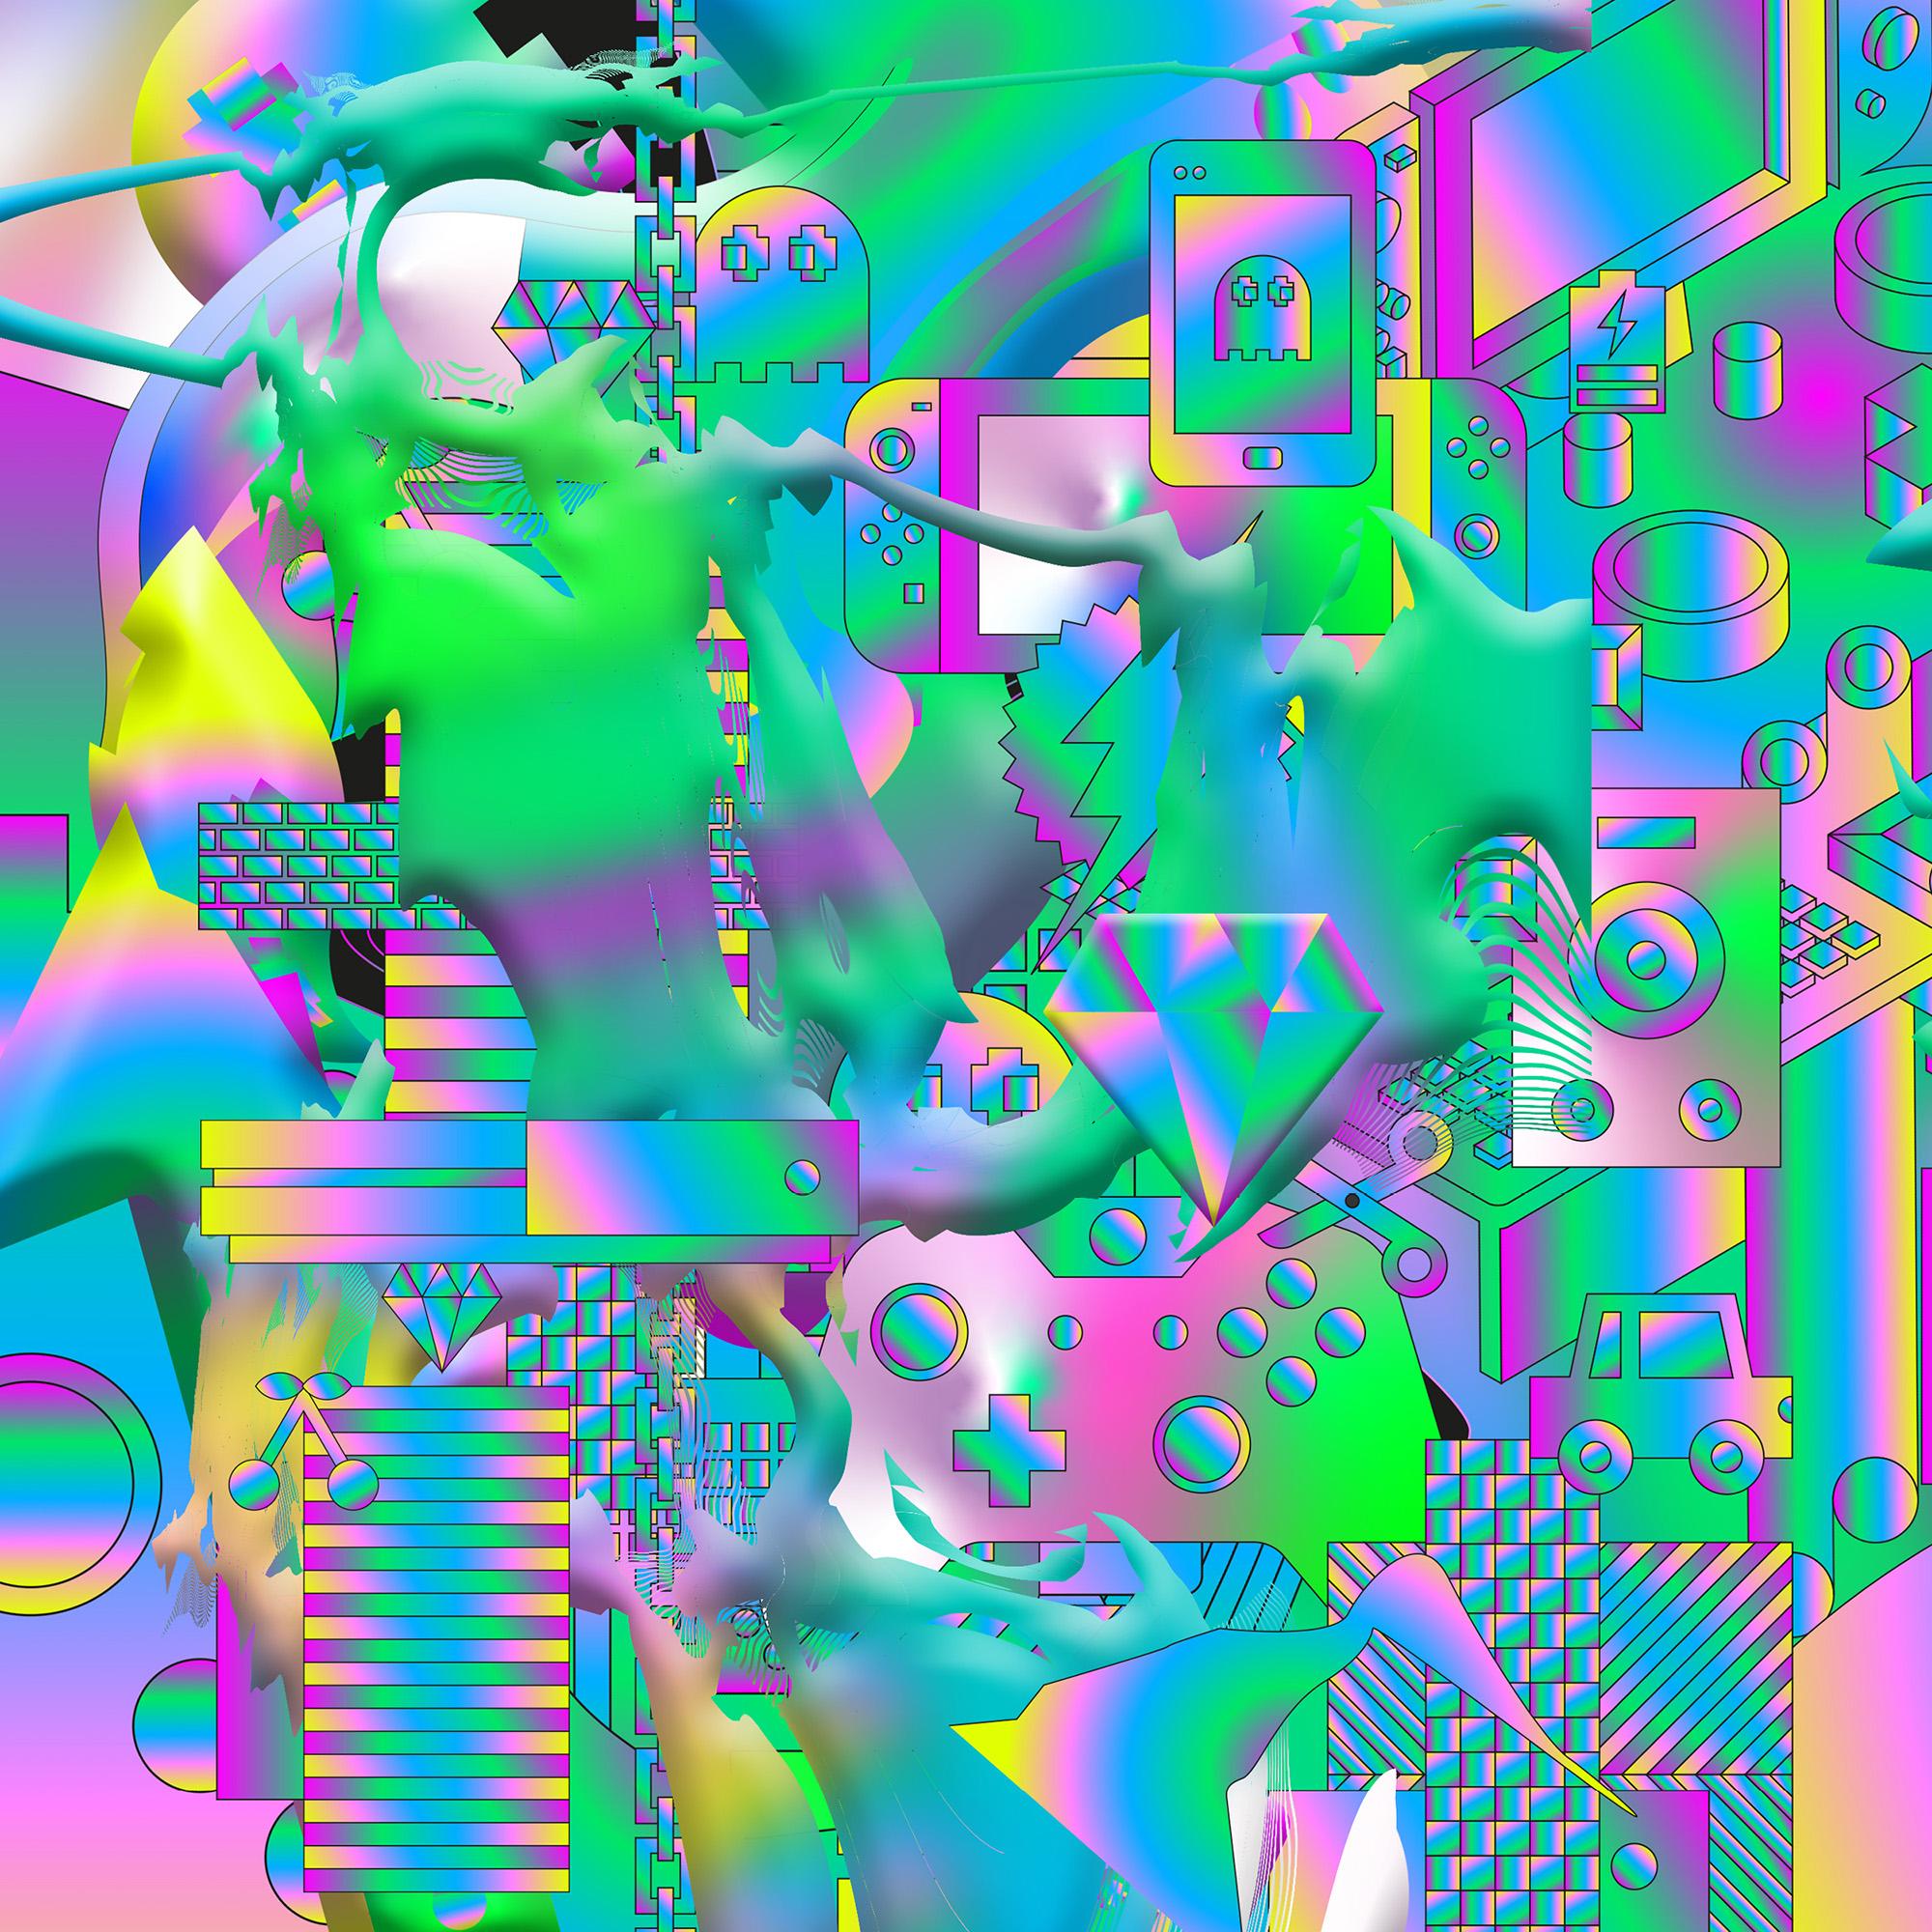 19_2.jpg